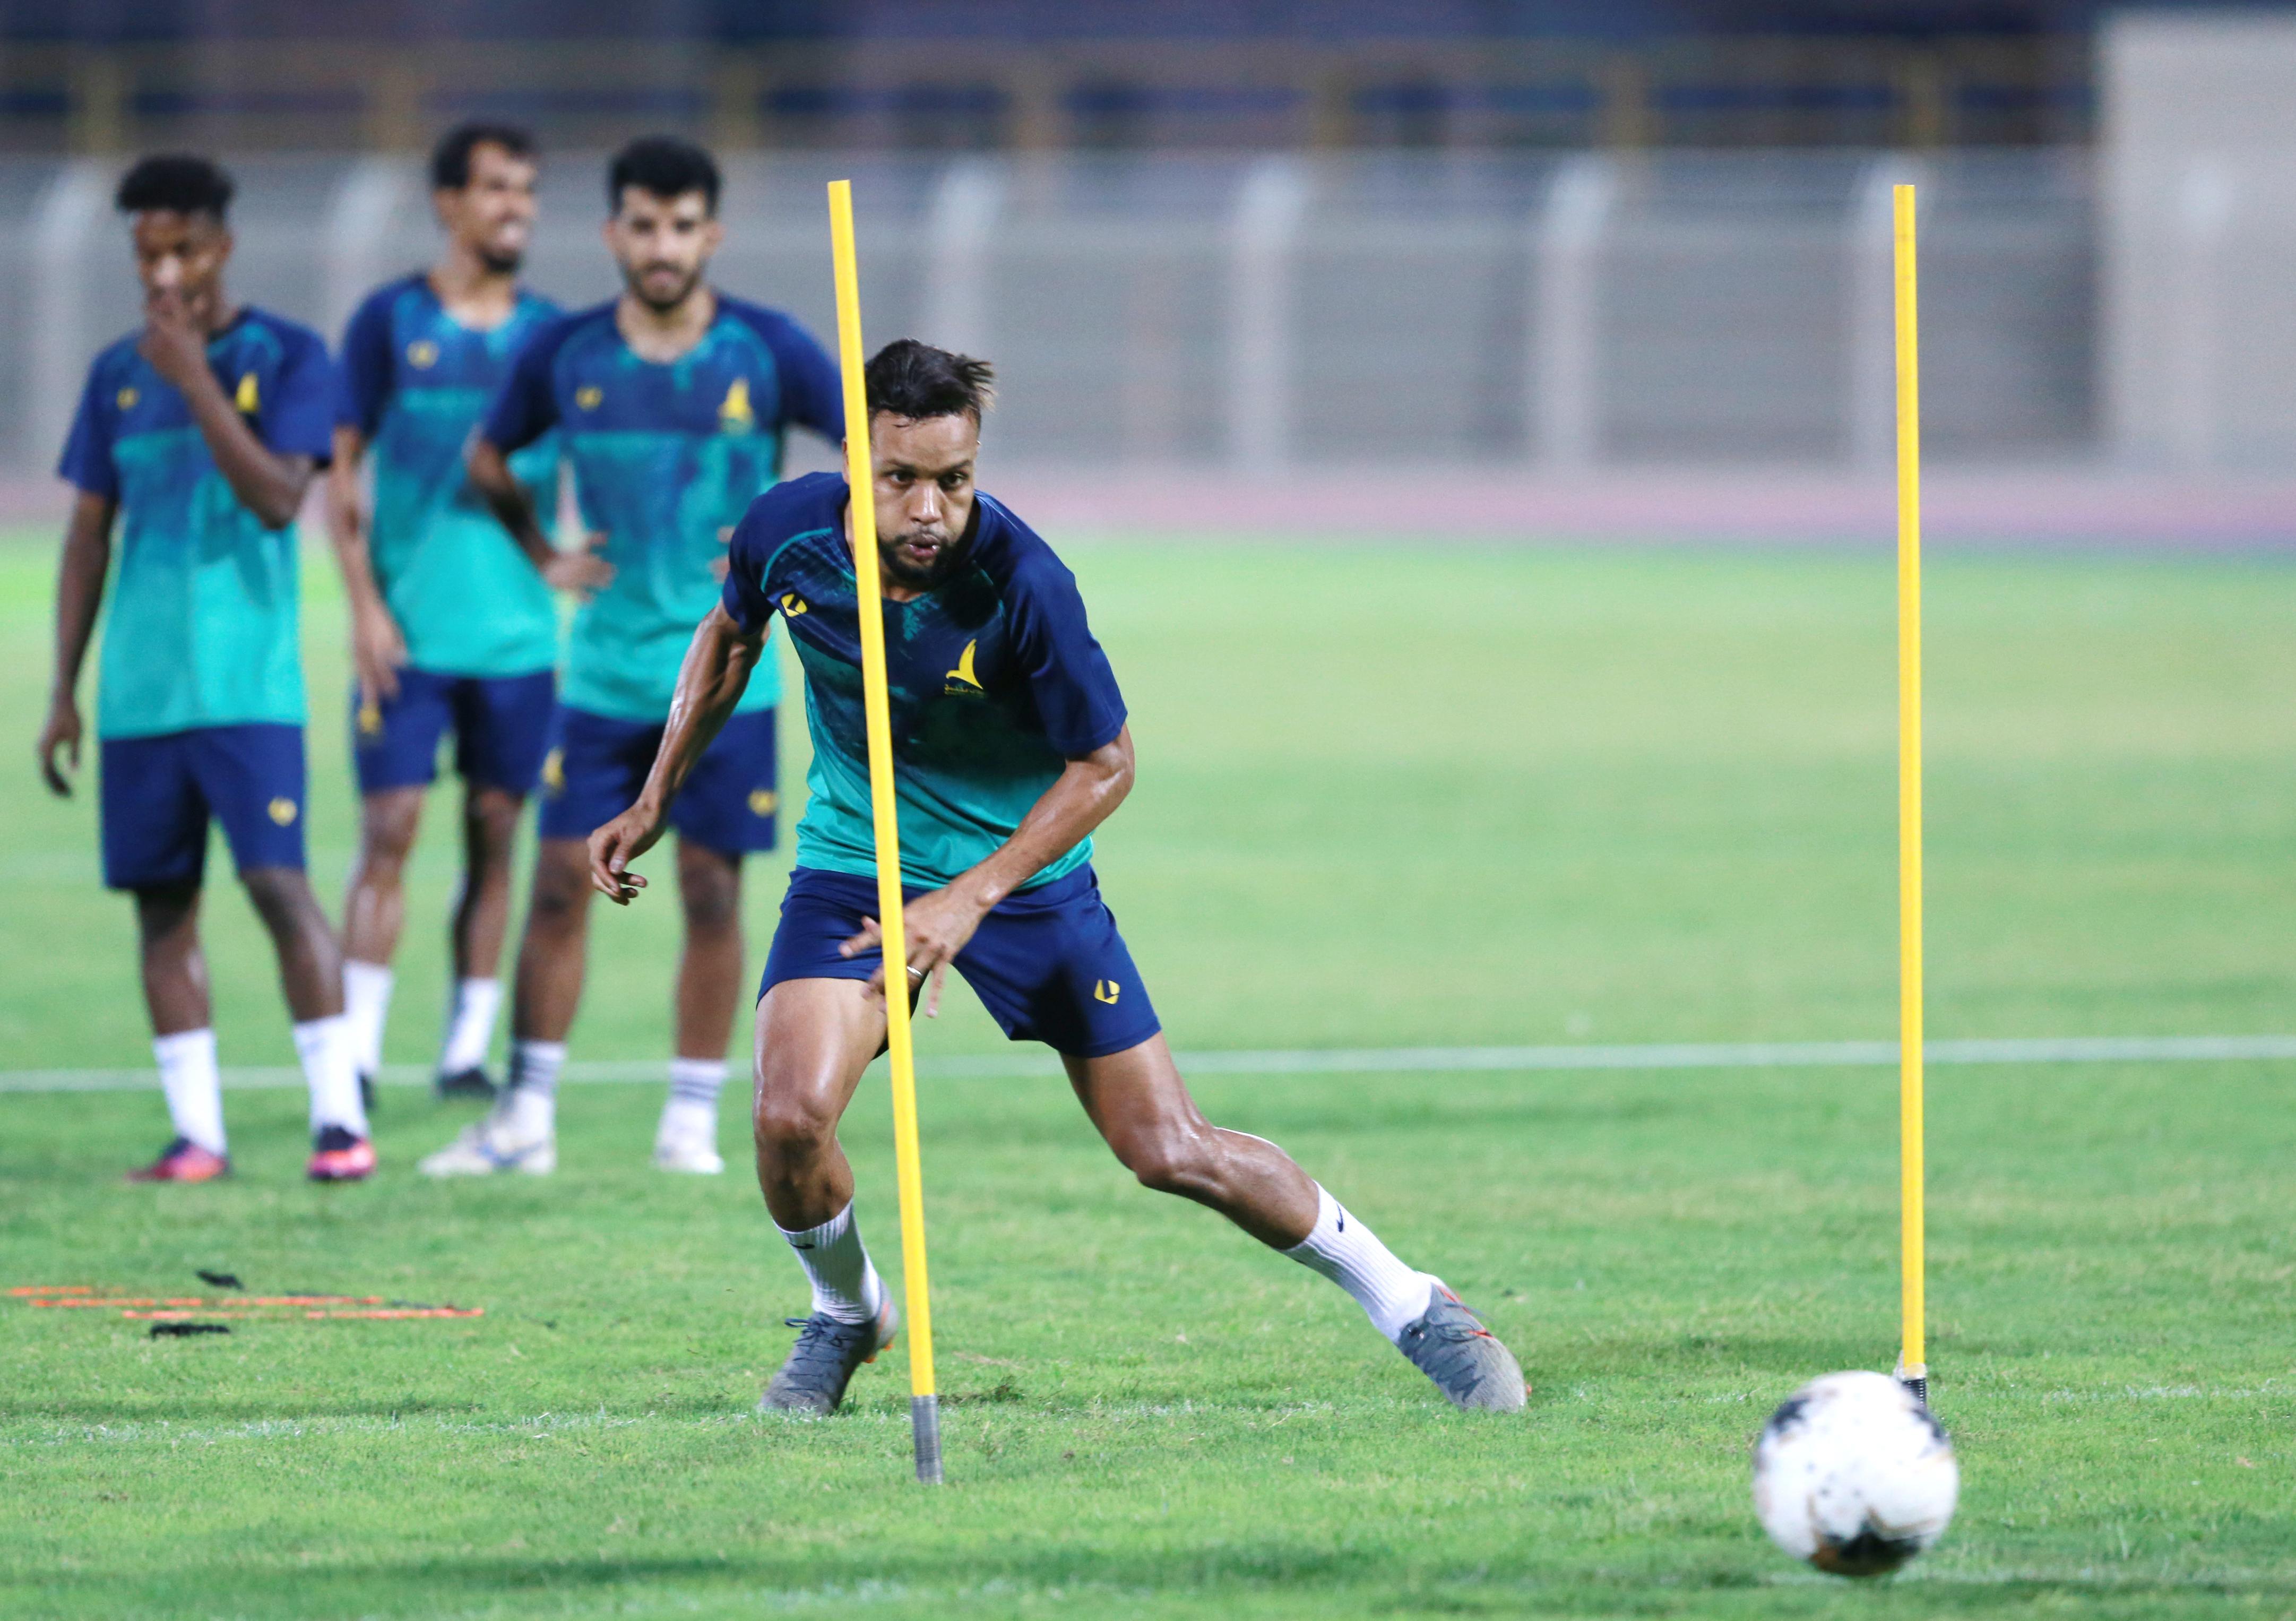 الخليج يجري تدريبه الرئيسي.. وحفل شواء يجمع لاعبي الدانة قبل المغادرة للمدينة لمواجهة الأنصار